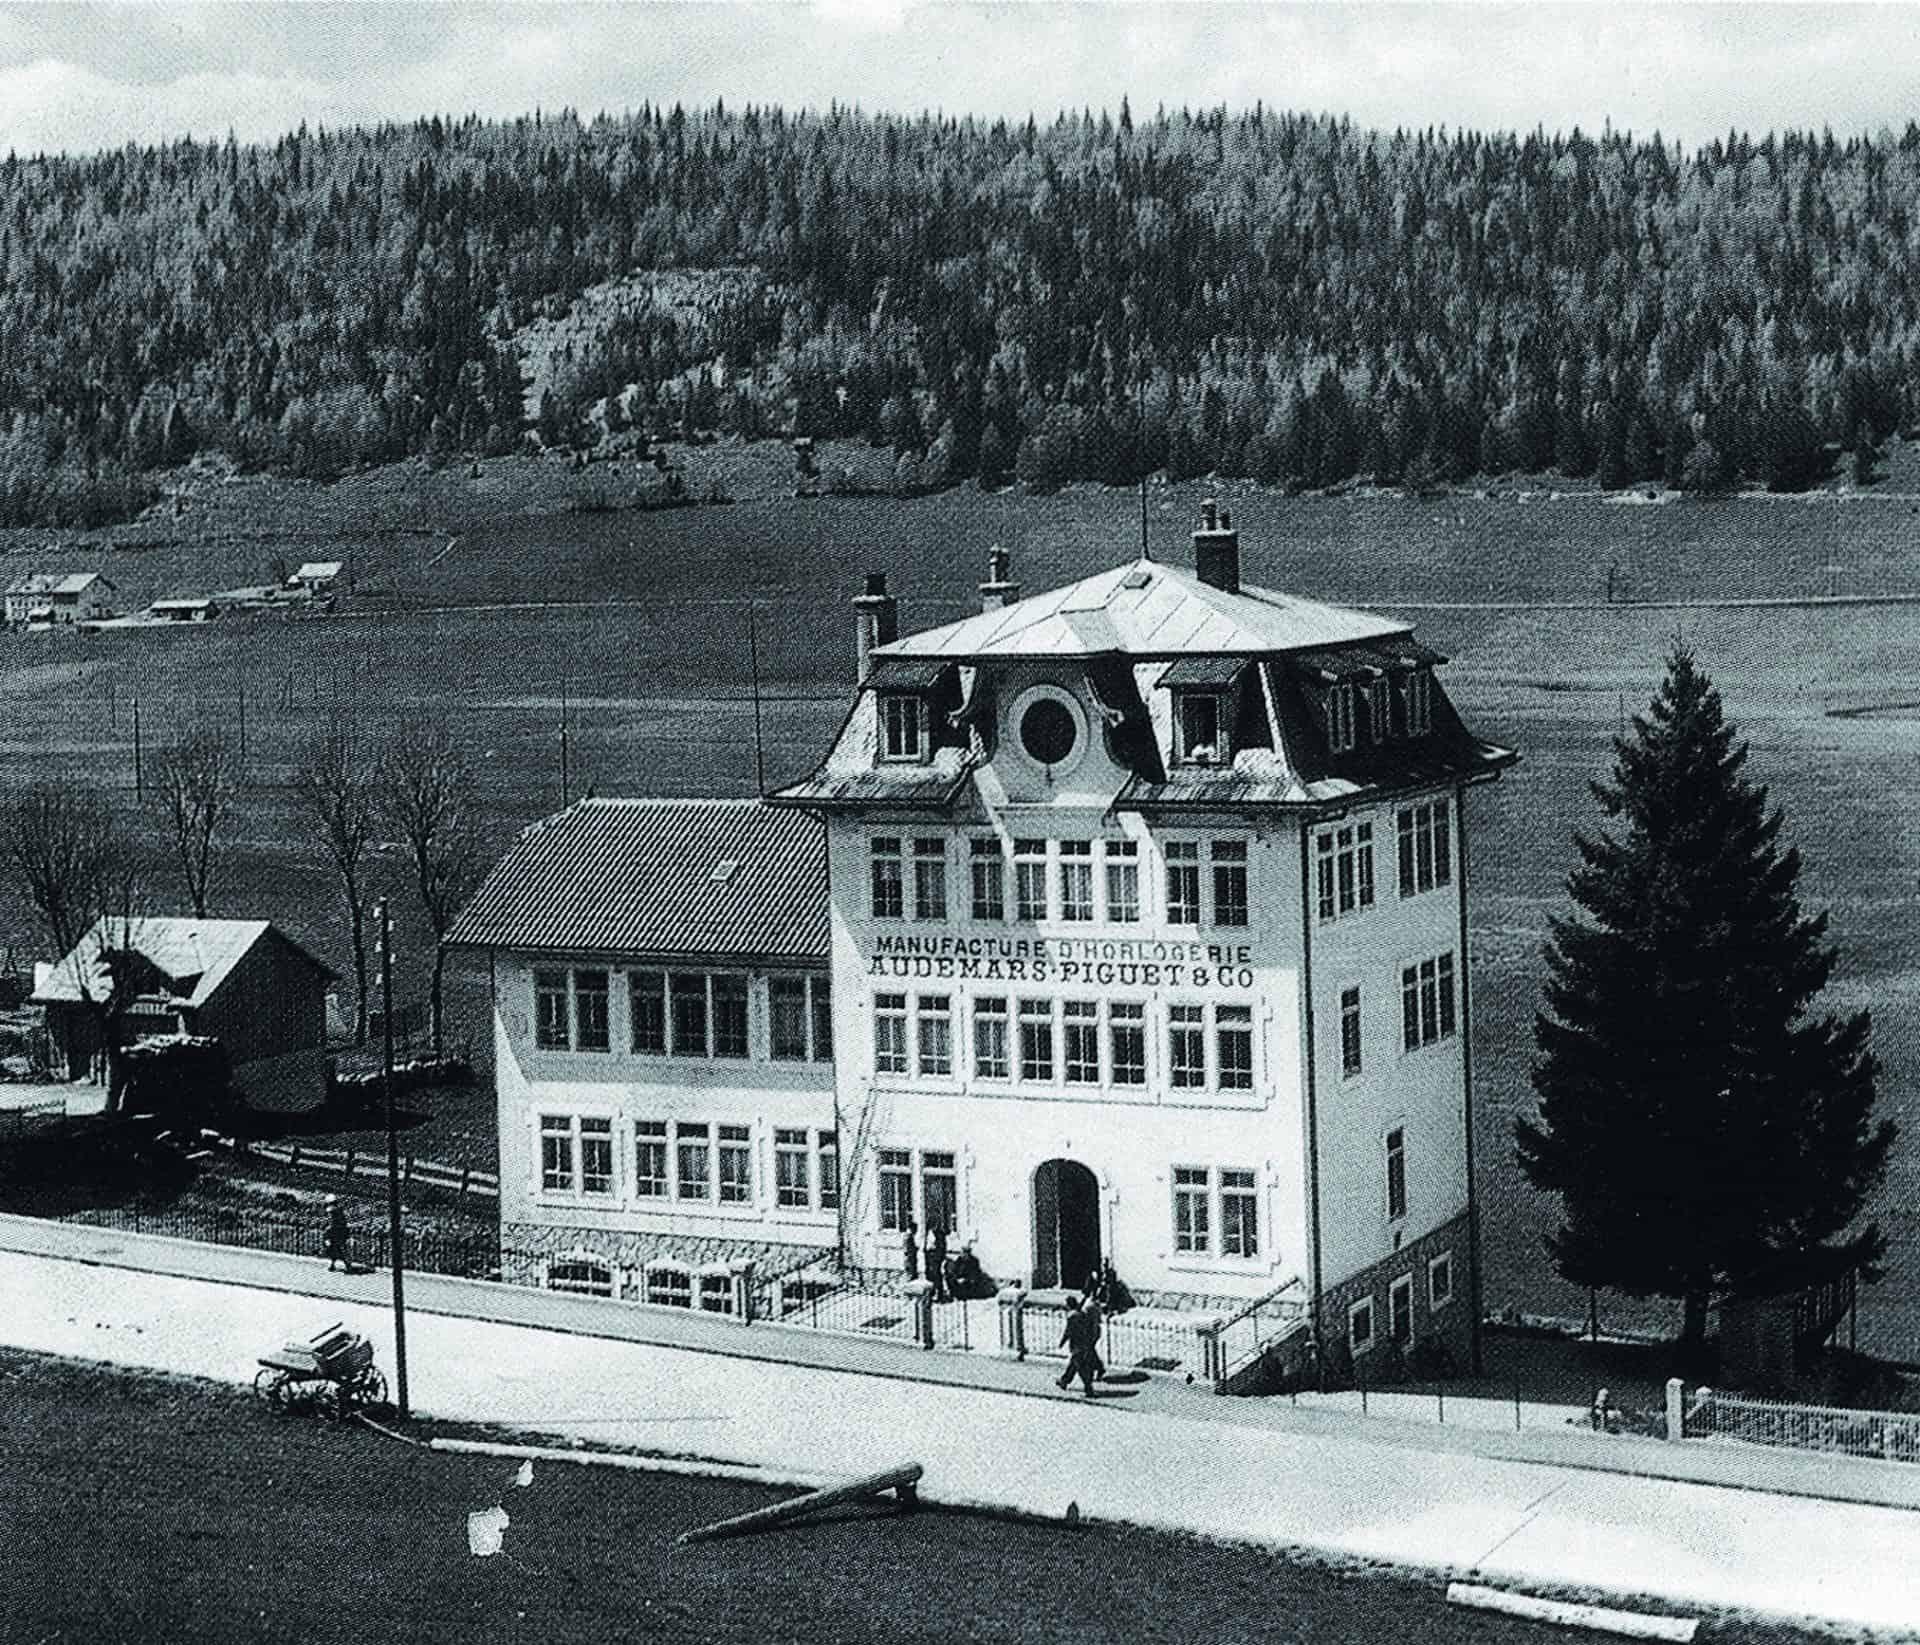 Die historische Audemars Piguet Fertigungsstätte im Jahr 1907